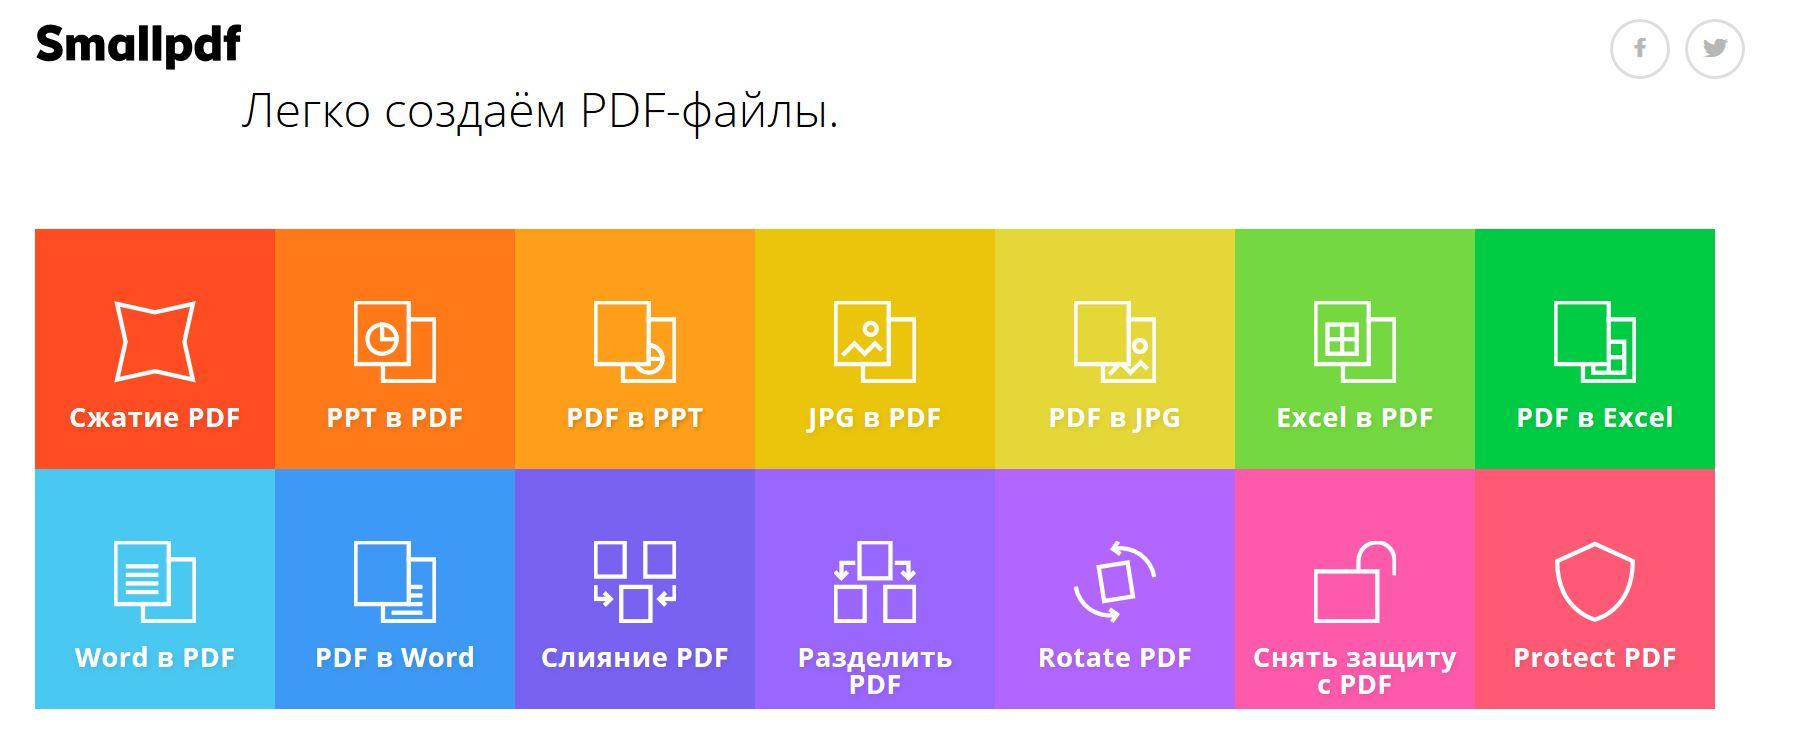 онлайн объединить в один документ файлы в формате pdf